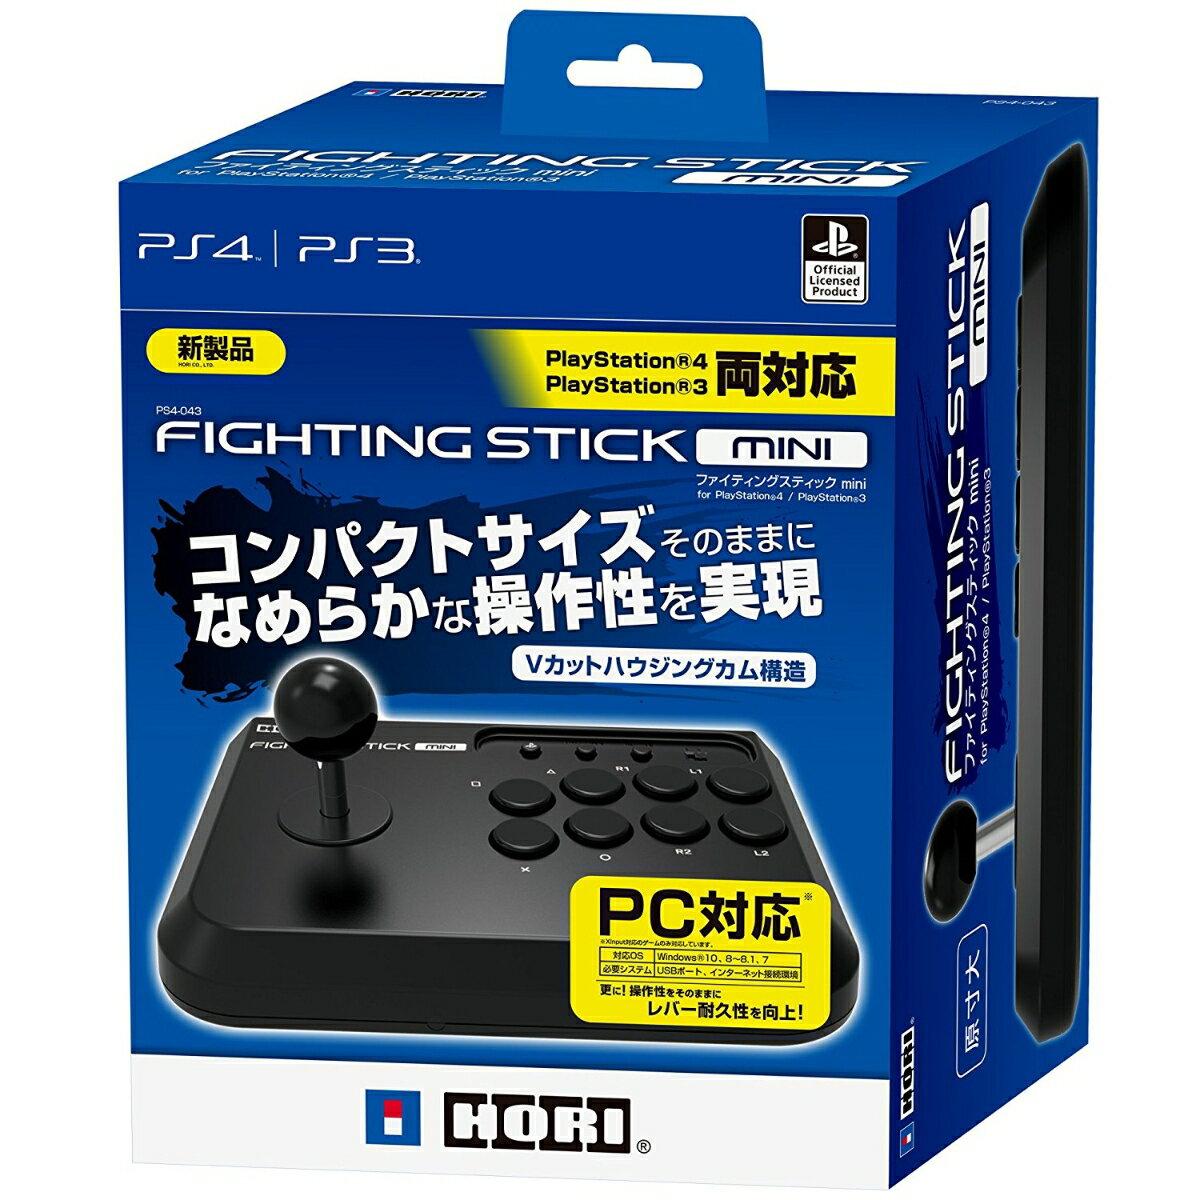 ファイティングスティックmini for PlayStation4/PlayStation3/PC